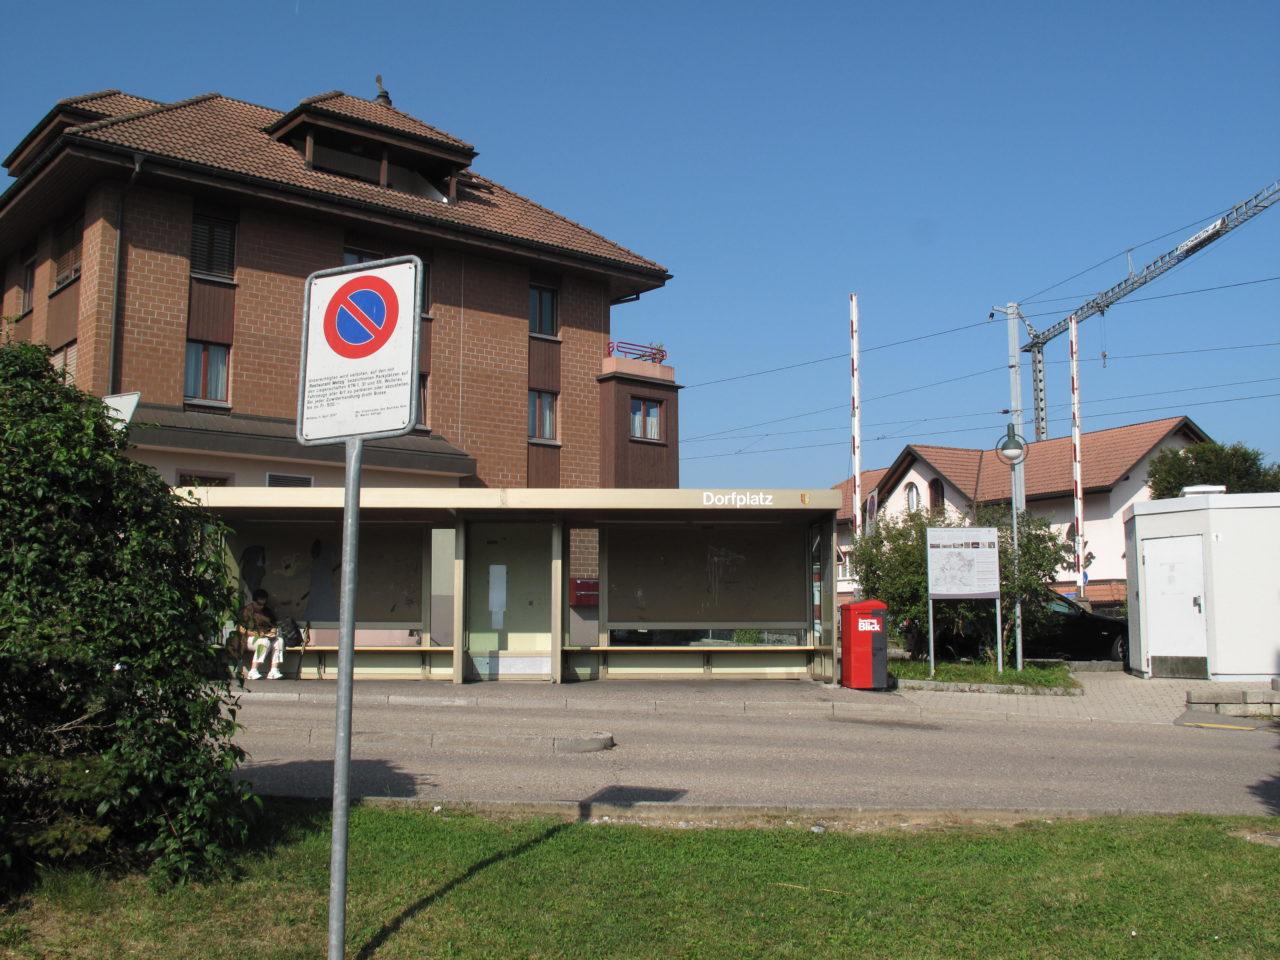 NL16: Urbaner Raum: Öffentliche Freiräume